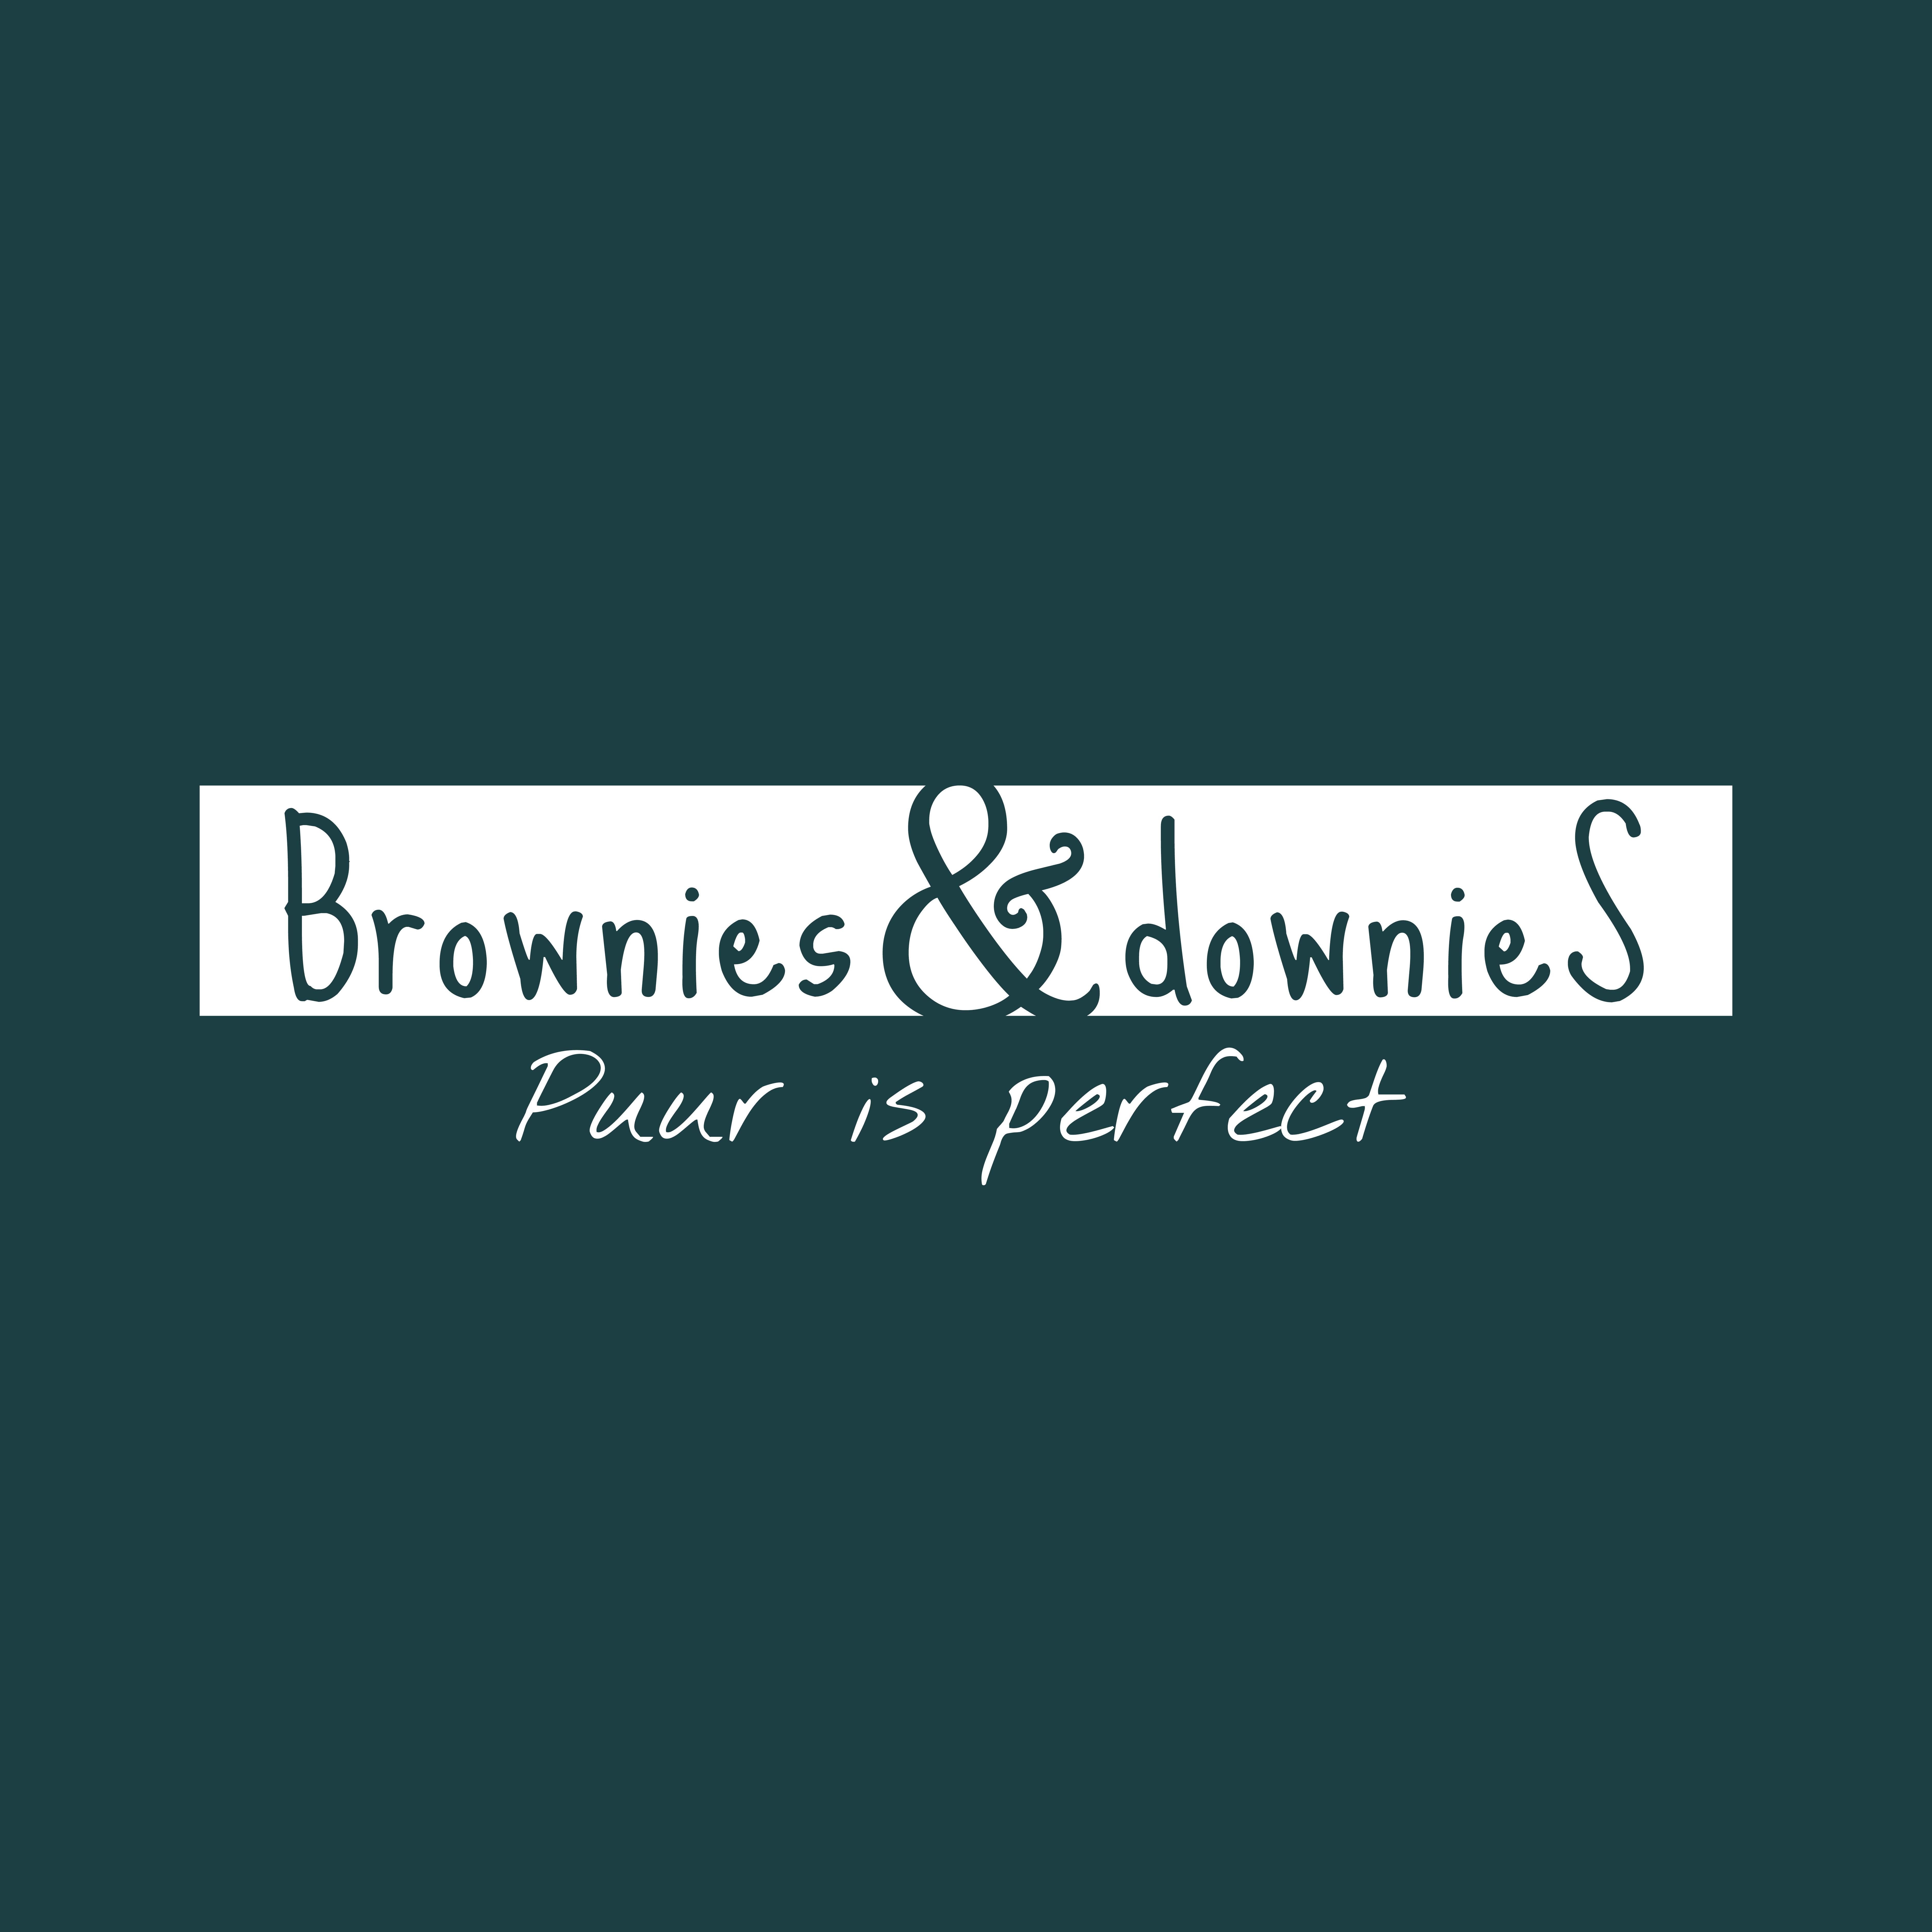 Brownies&downieS Haarlem